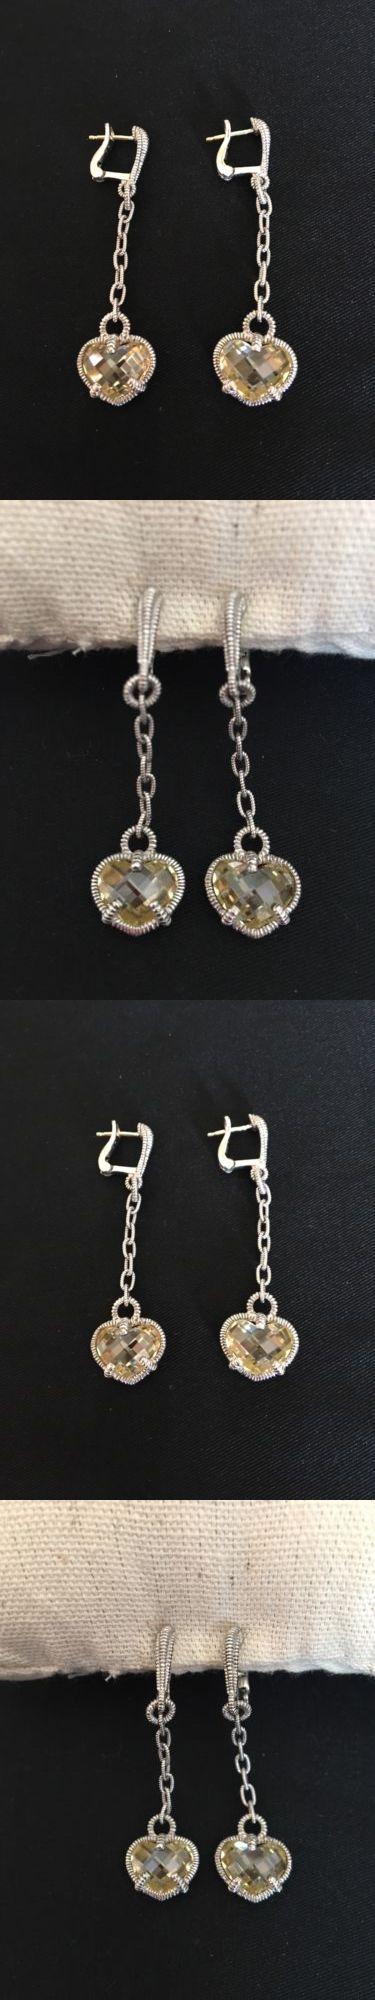 Earrings 50647: New Judith Ripka Sterling Silver Canary Crystal Heart Dangle Earrings -> BUY IT NOW ONLY: $100 on eBay!